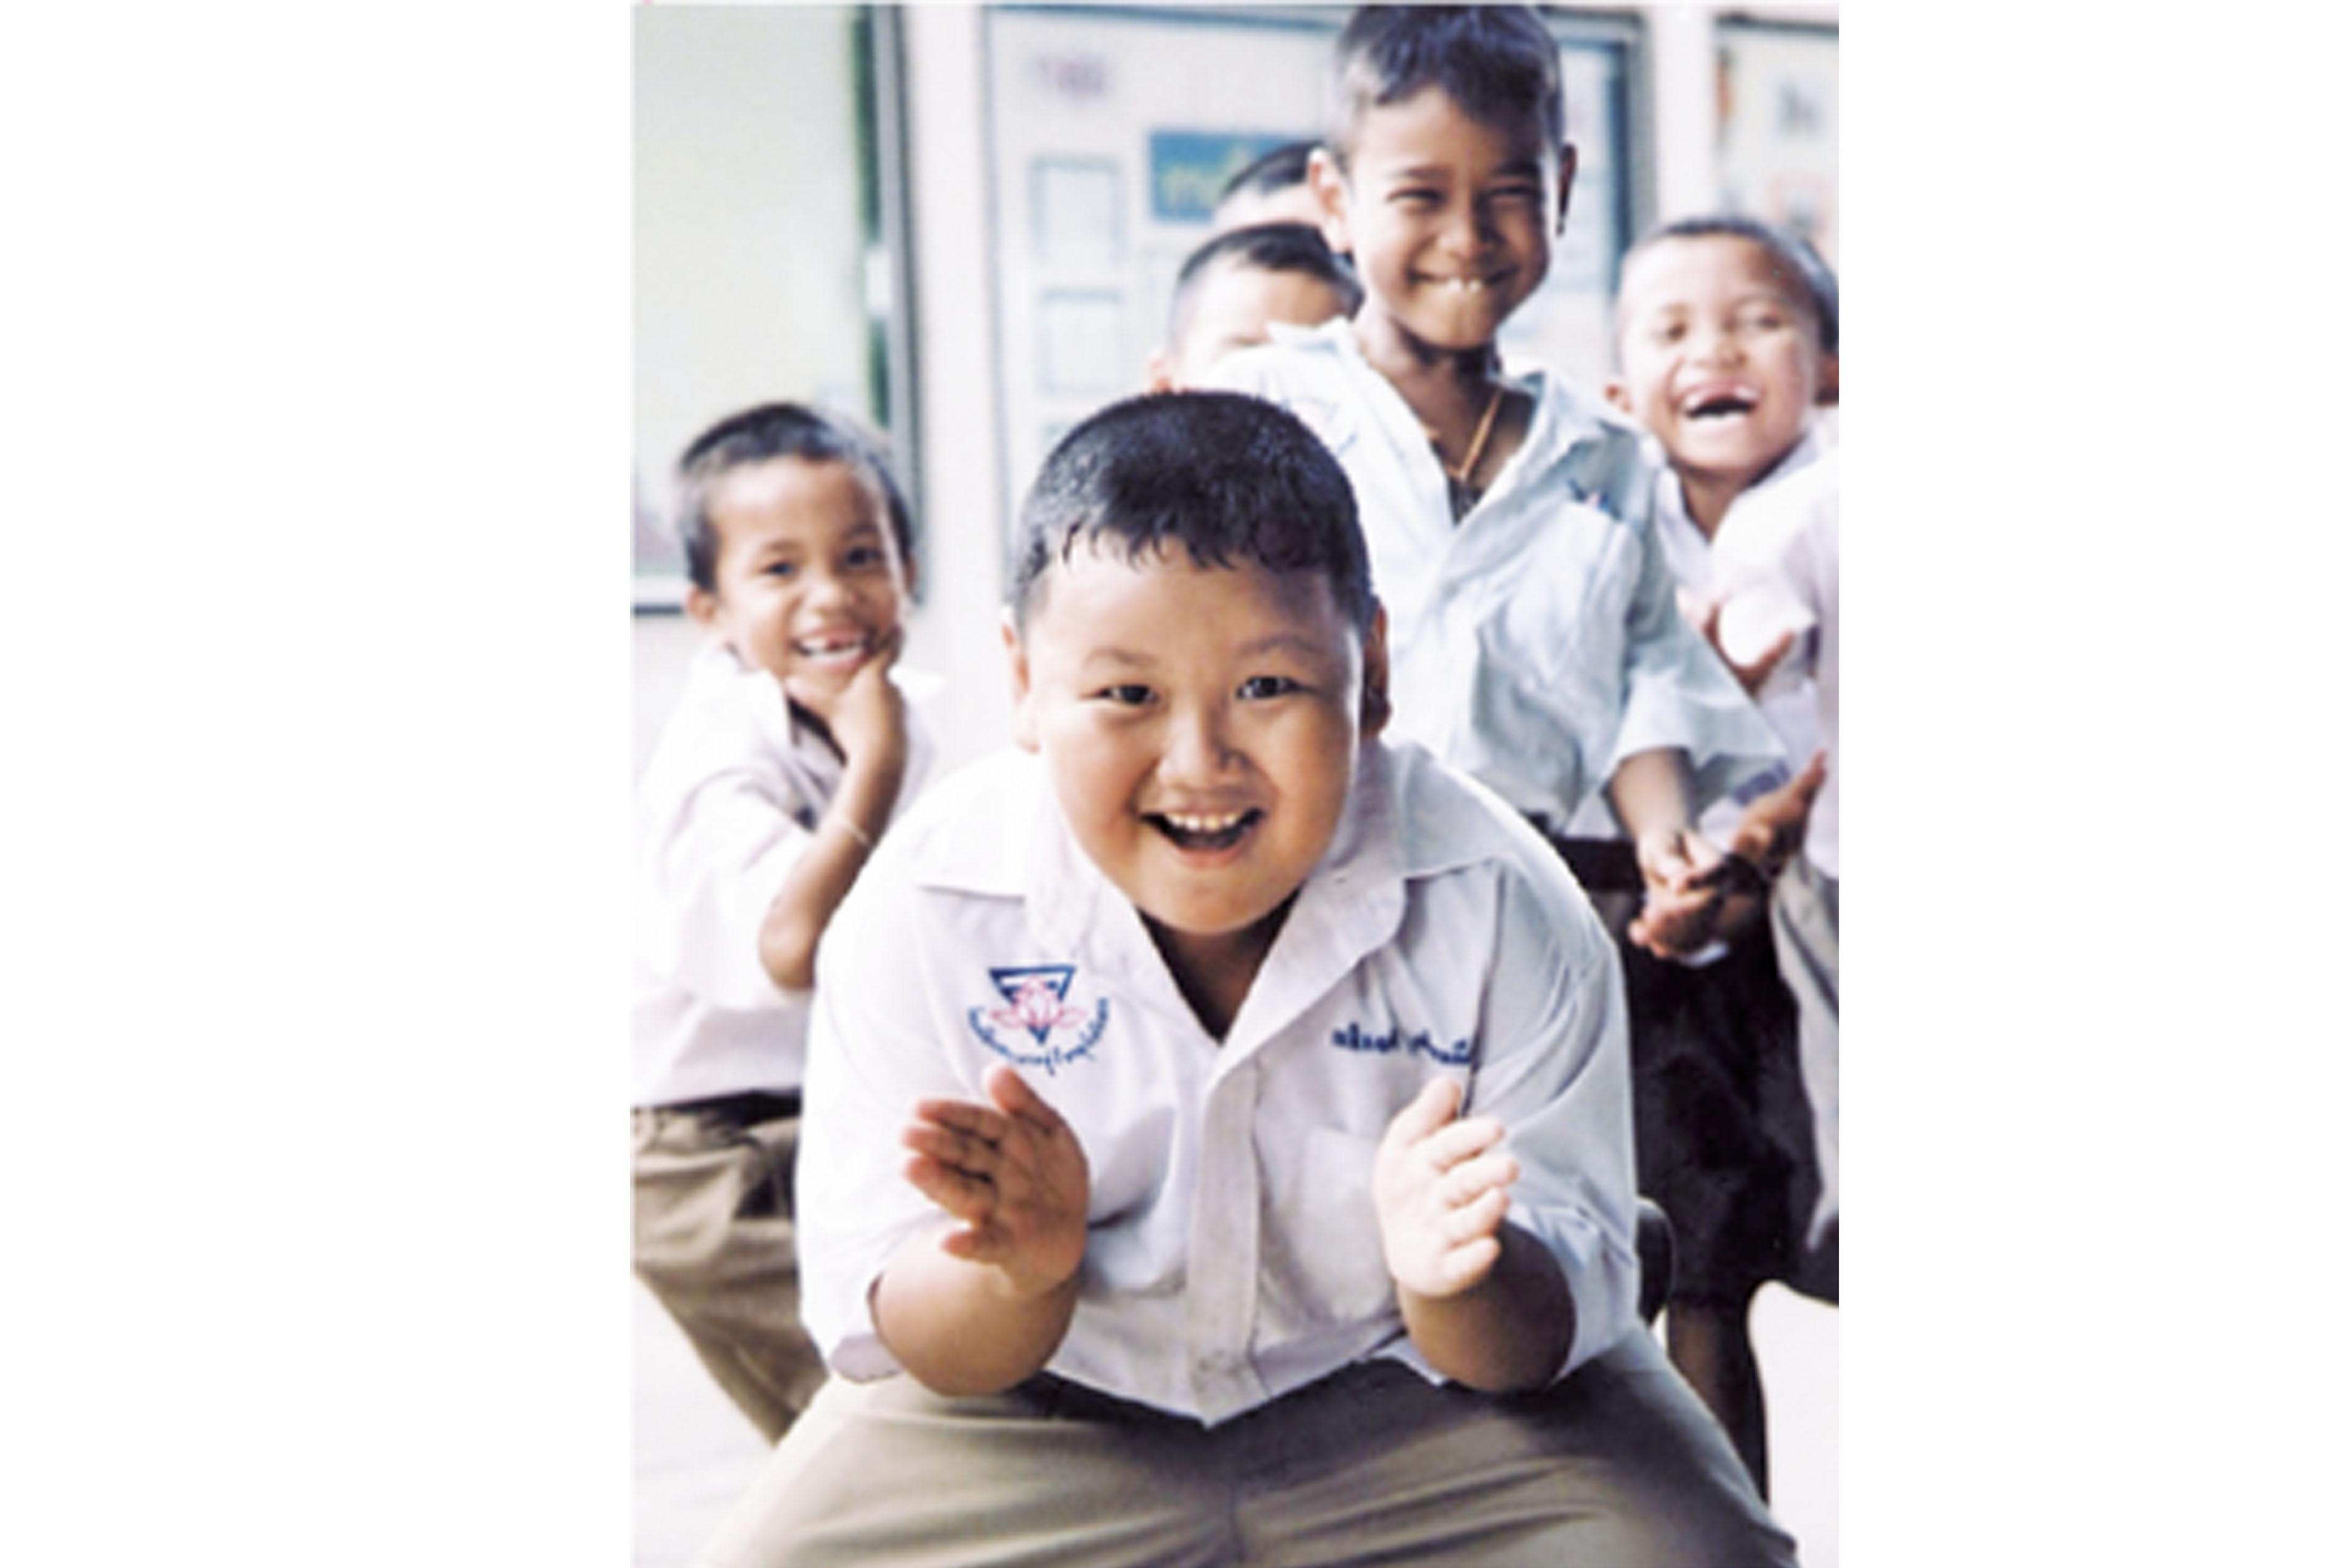 今週のギモン「タイの『子どもの日』はどんなことをする日?」 - ワイズデジタル【タイで生活する人のための情報サイト】